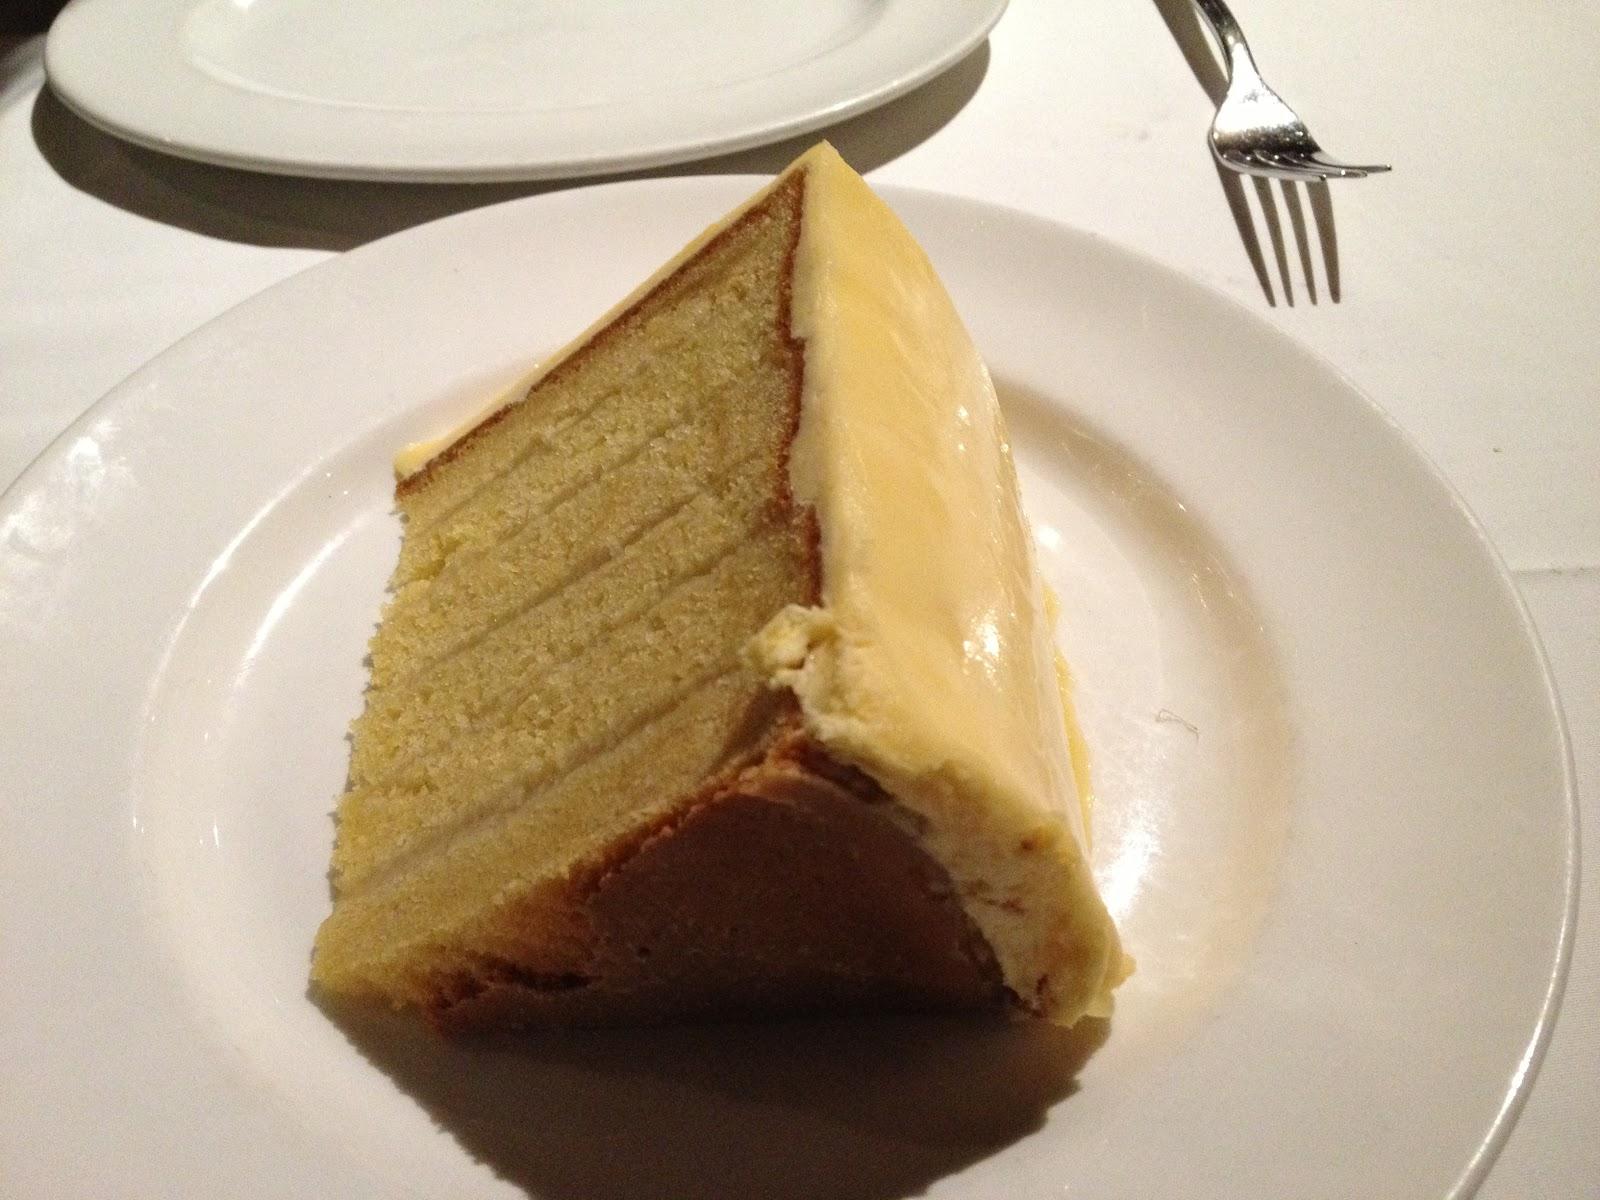 Del Friscos Lemon Cake Order